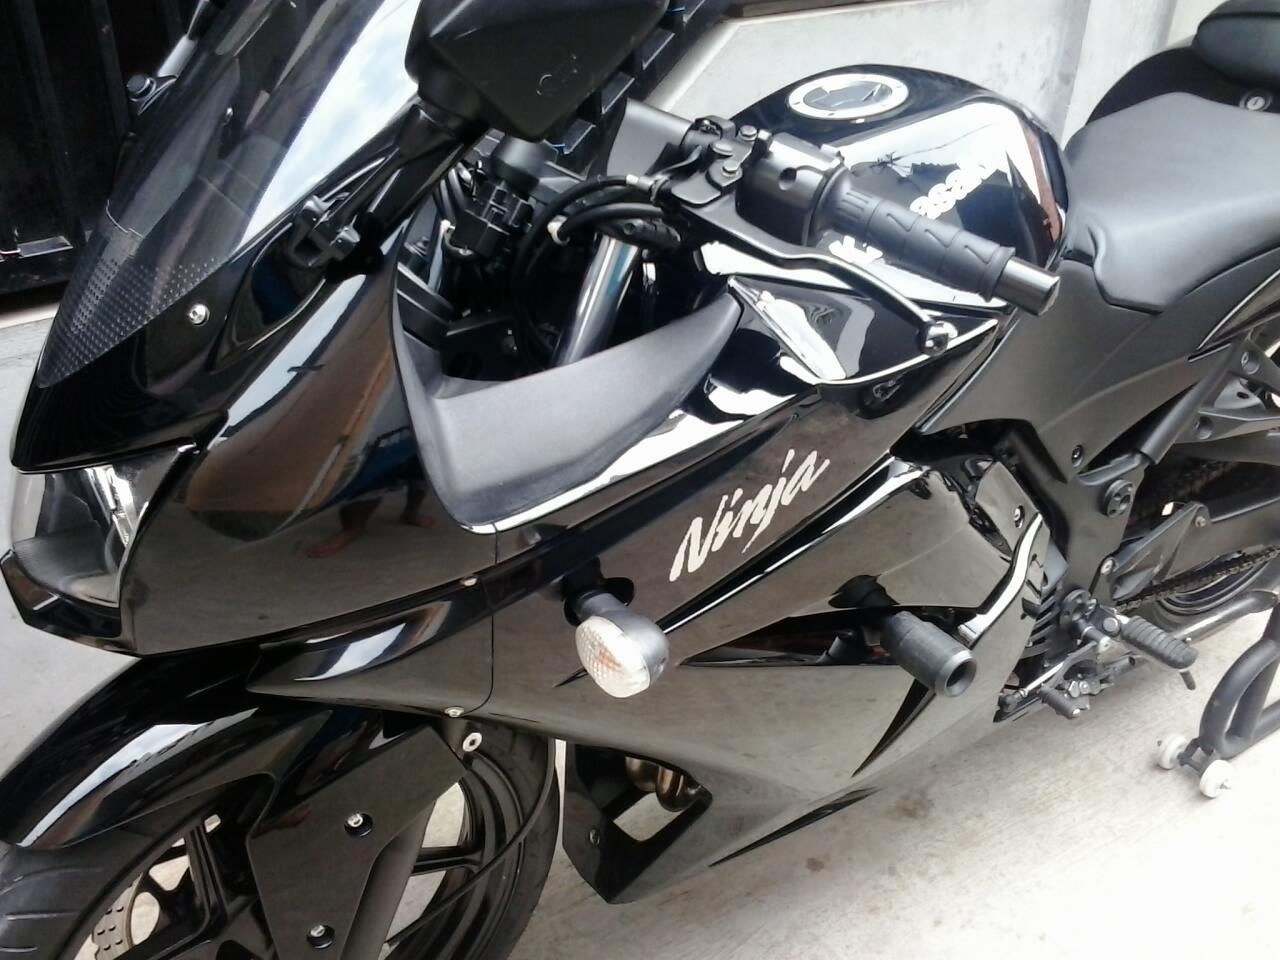 Kawasaki Ninja 250 hitam 2009 bulan 7 (Repost)